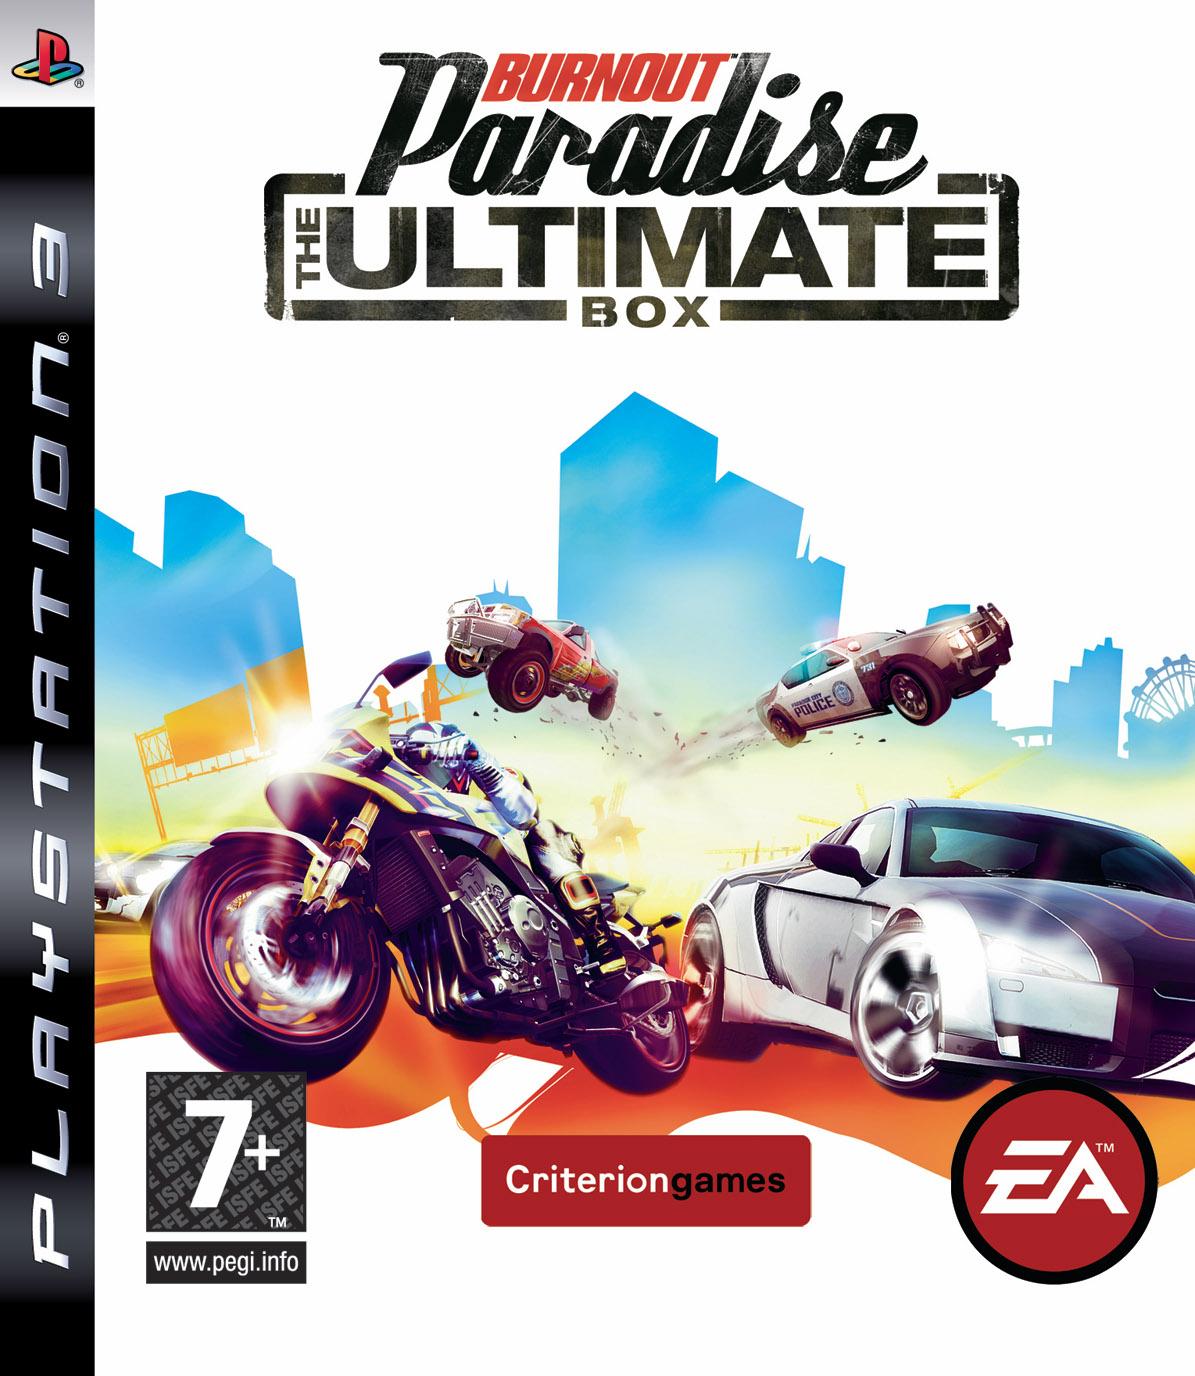 Скачать игру burnout paradise 2 через торрент бесплатно pc, xbox.